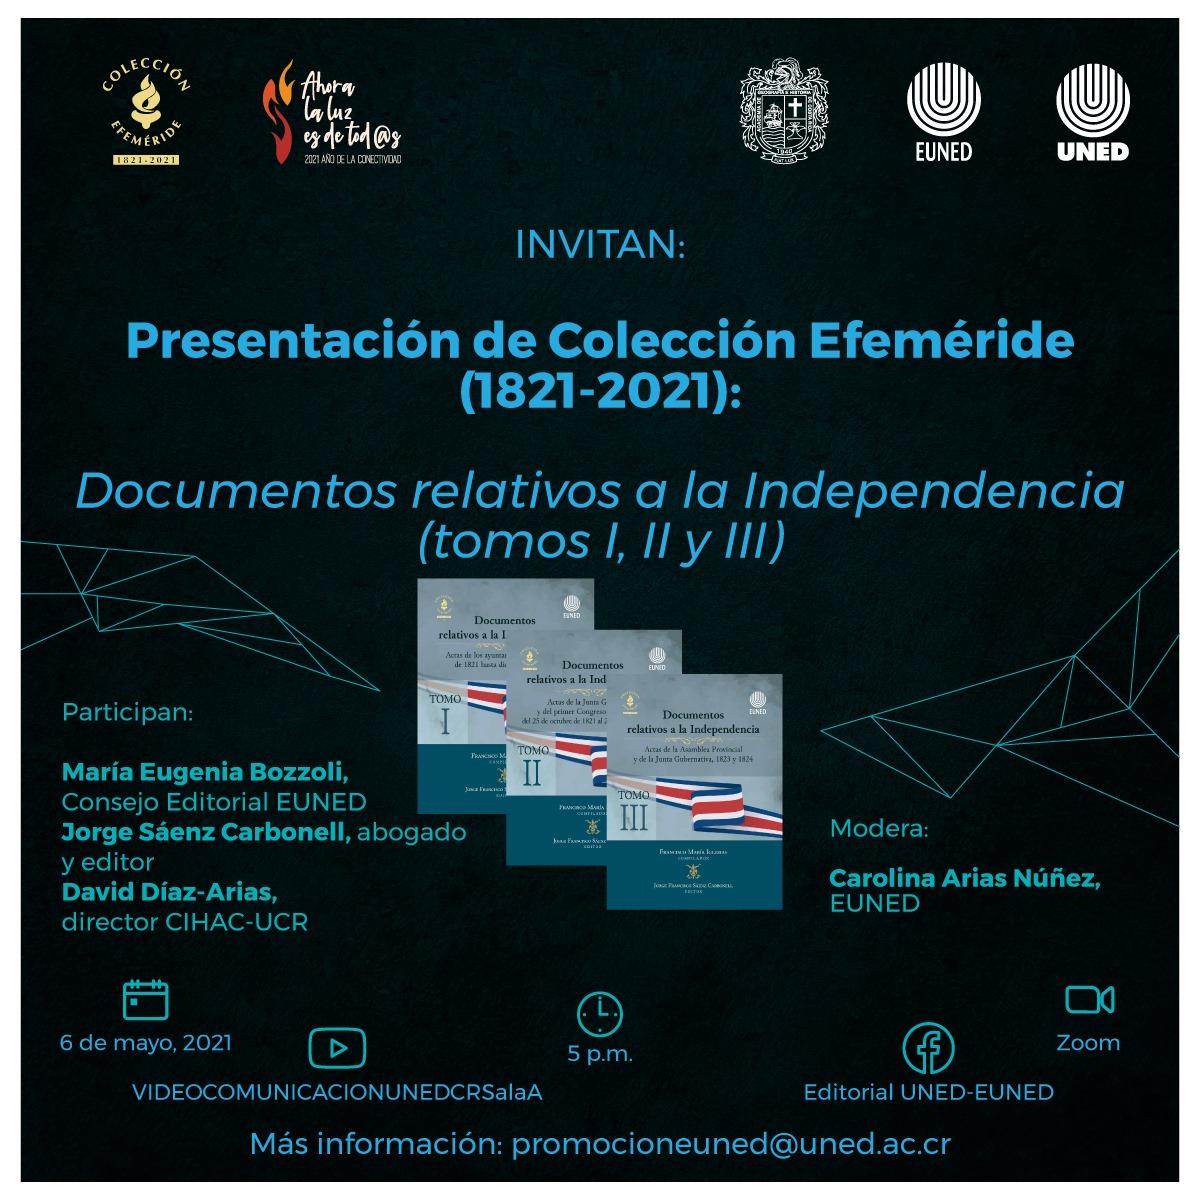 Presentación de Colección Efeméride (1821-2021): 'Documentos relativos a la Independencia'